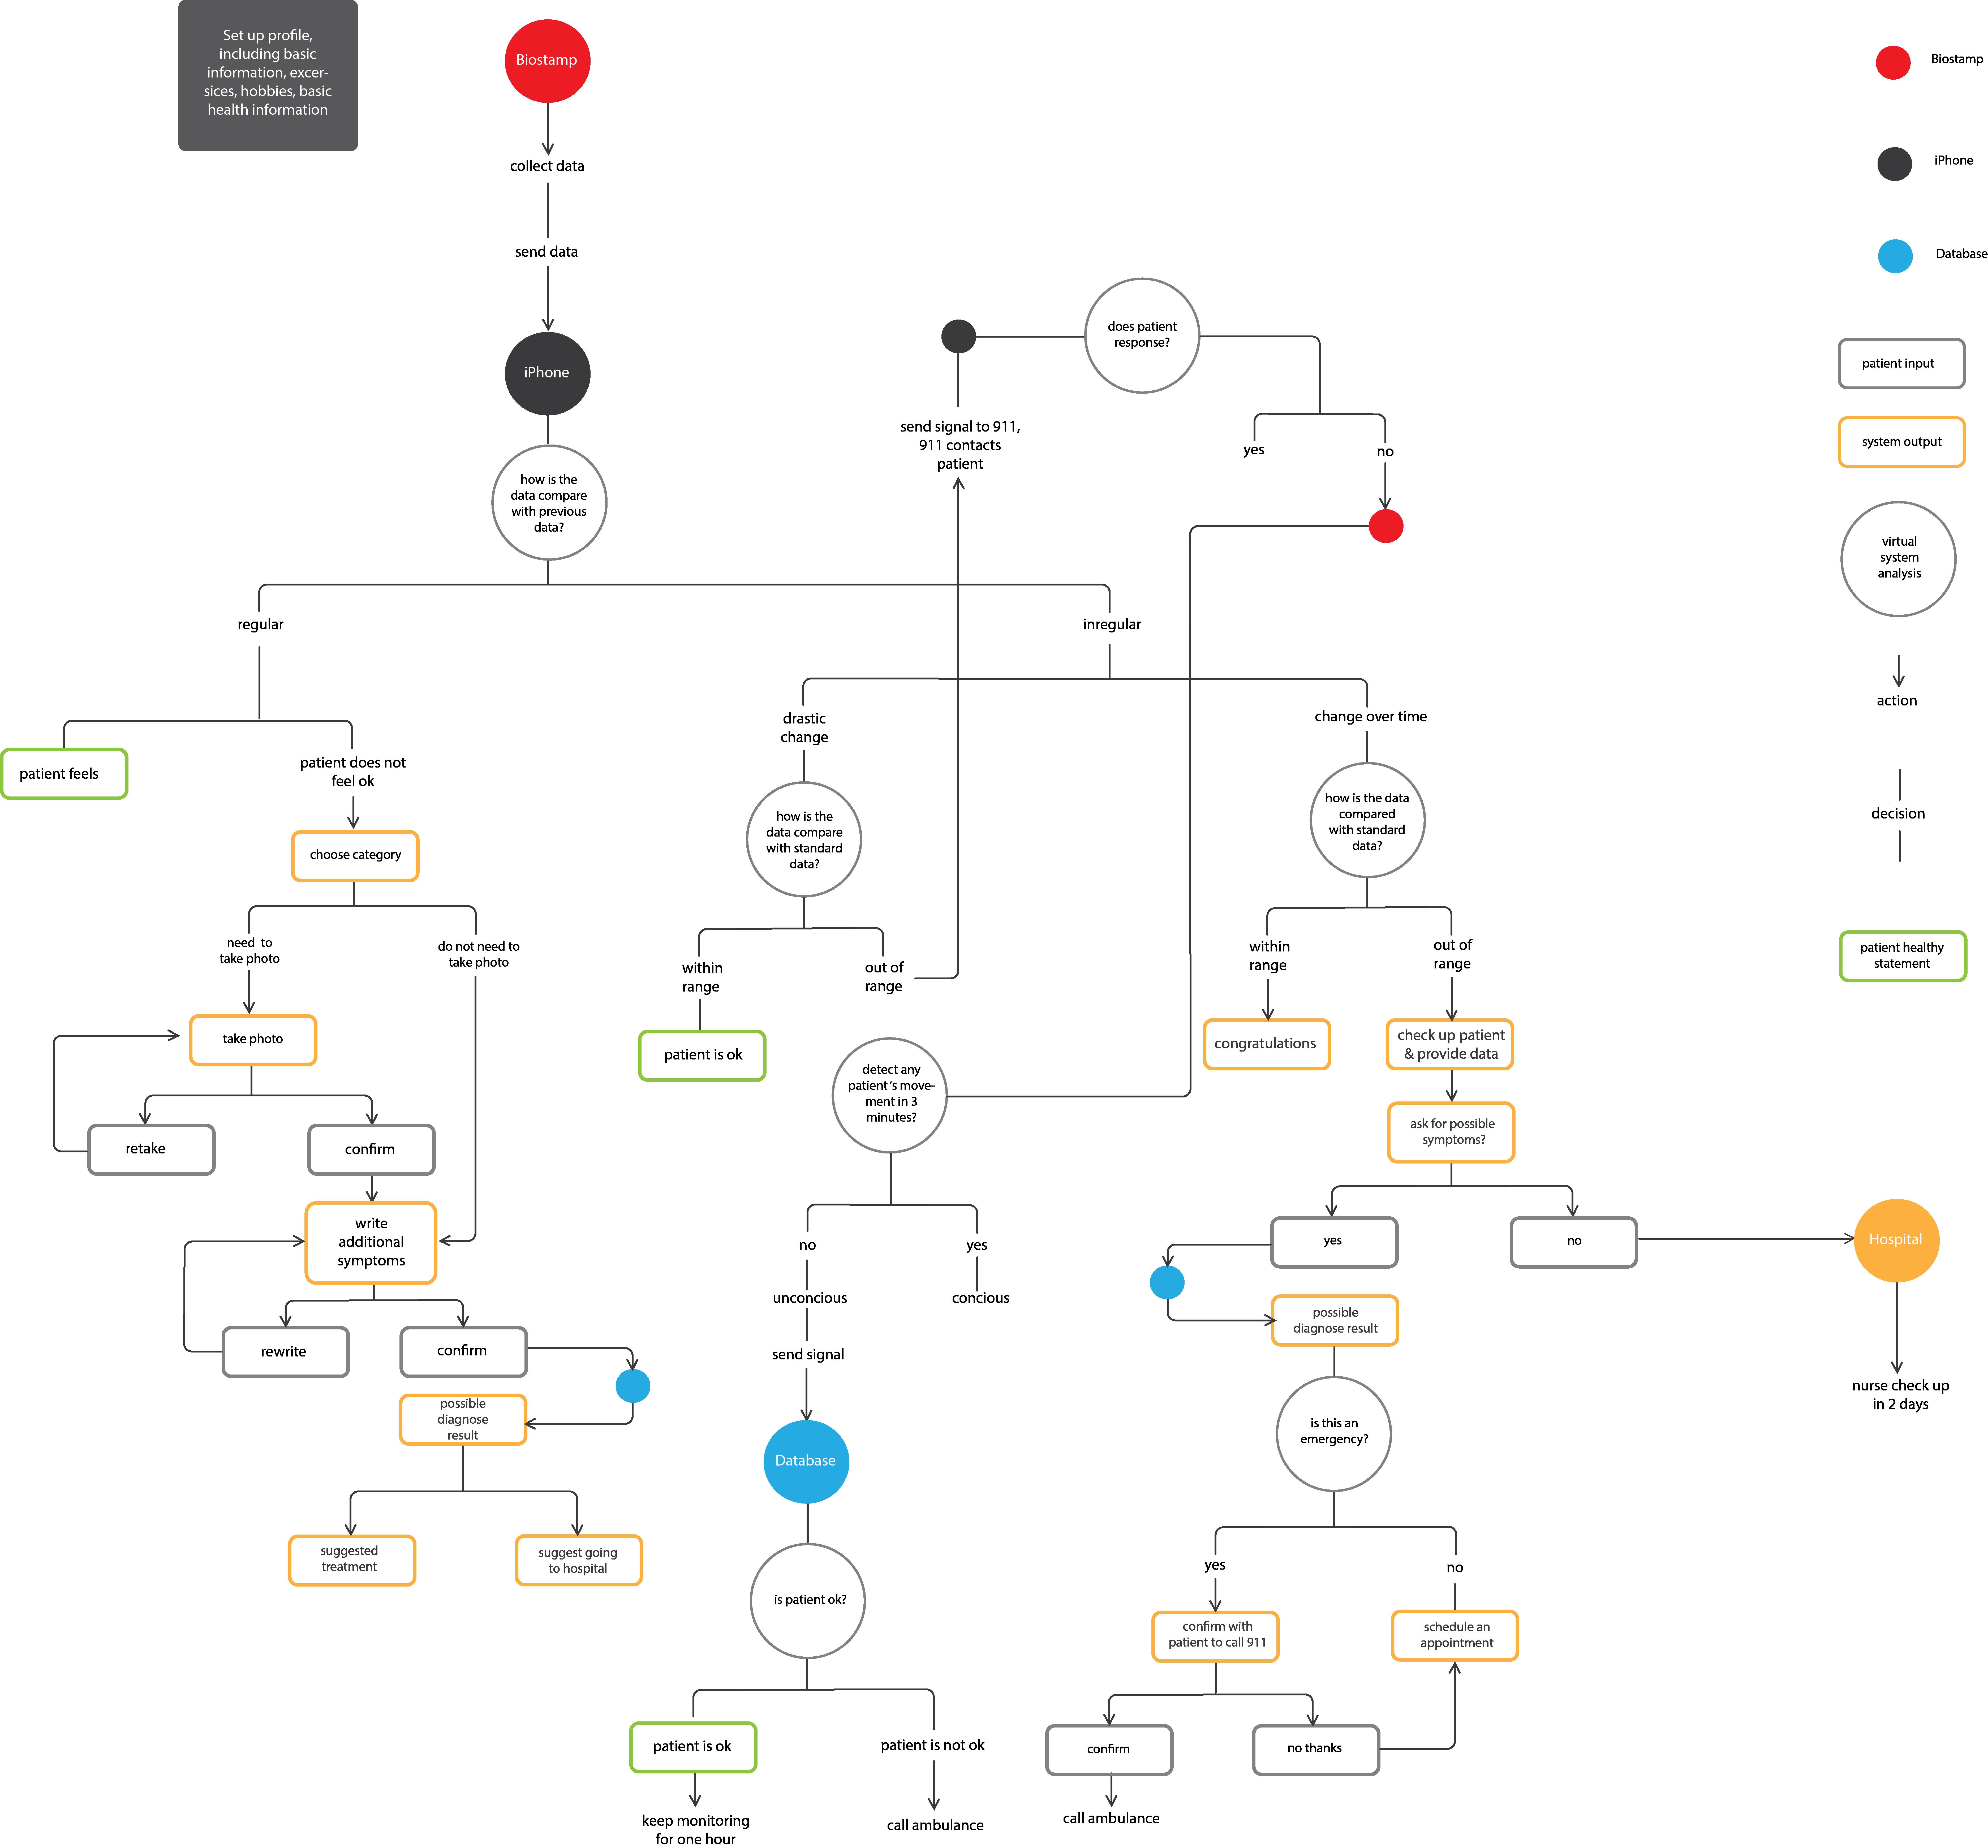 biostamp workflow